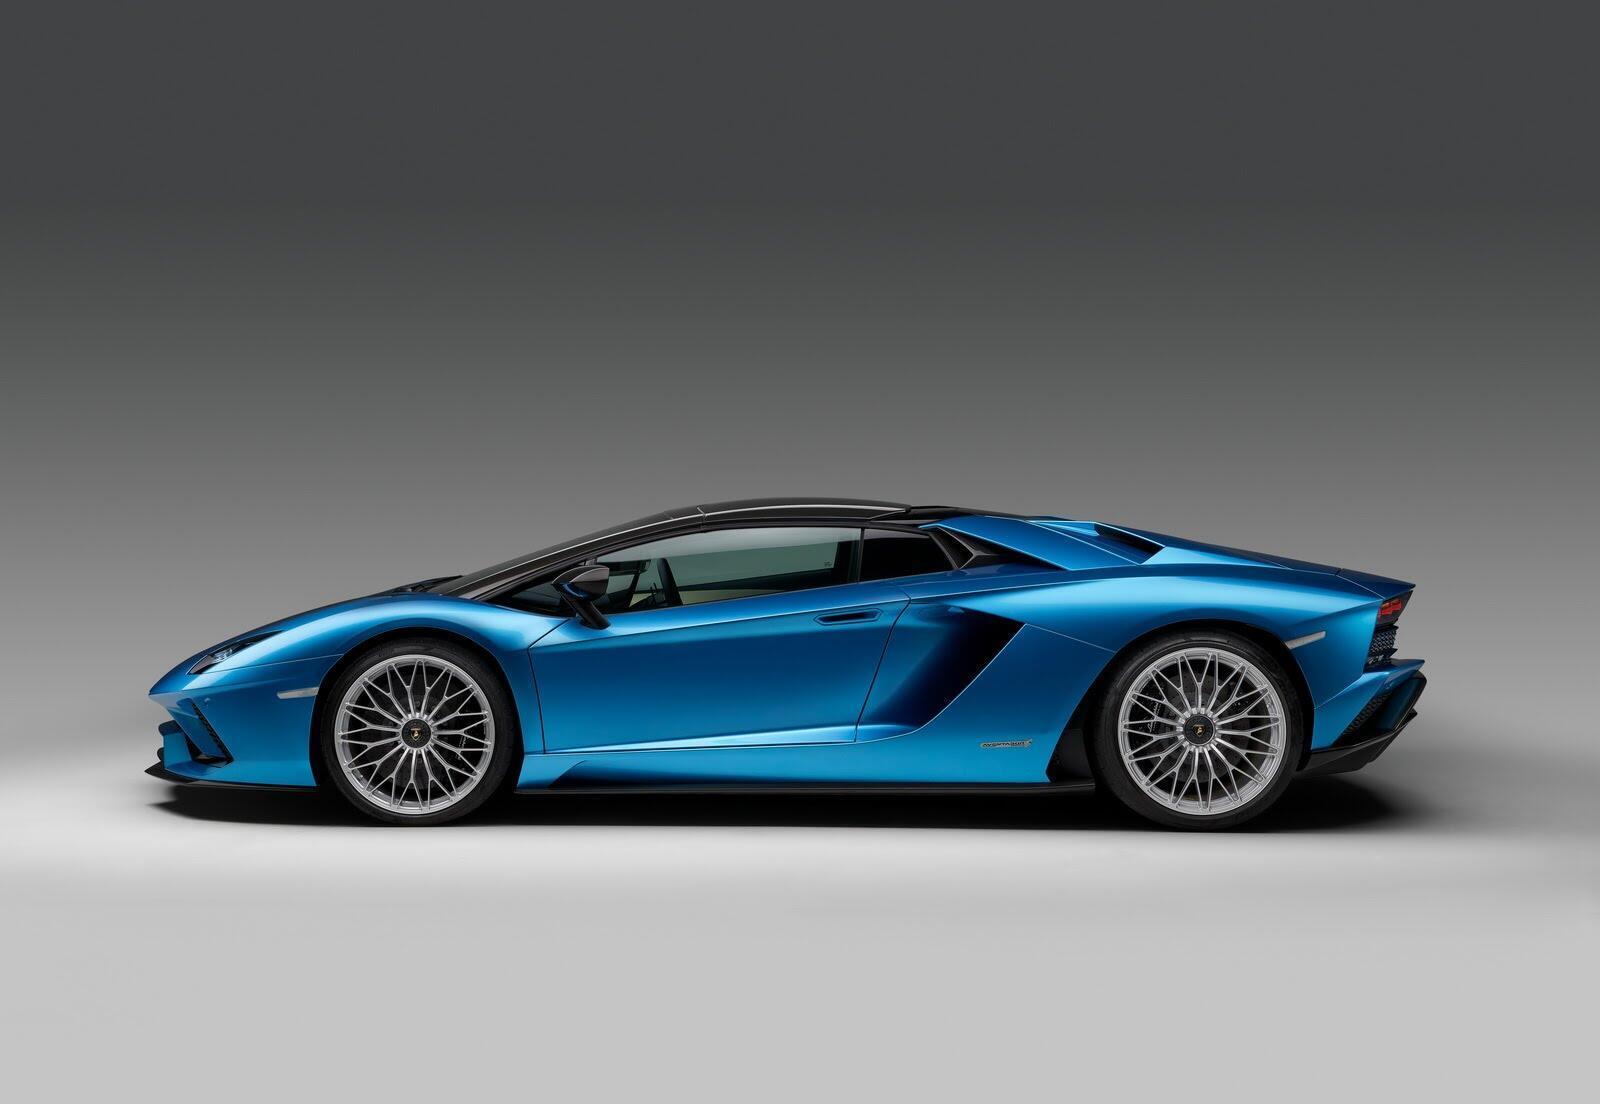 Siêu xe Lamborghini Aventador S Roadster chính thức trình làng - Hình 14